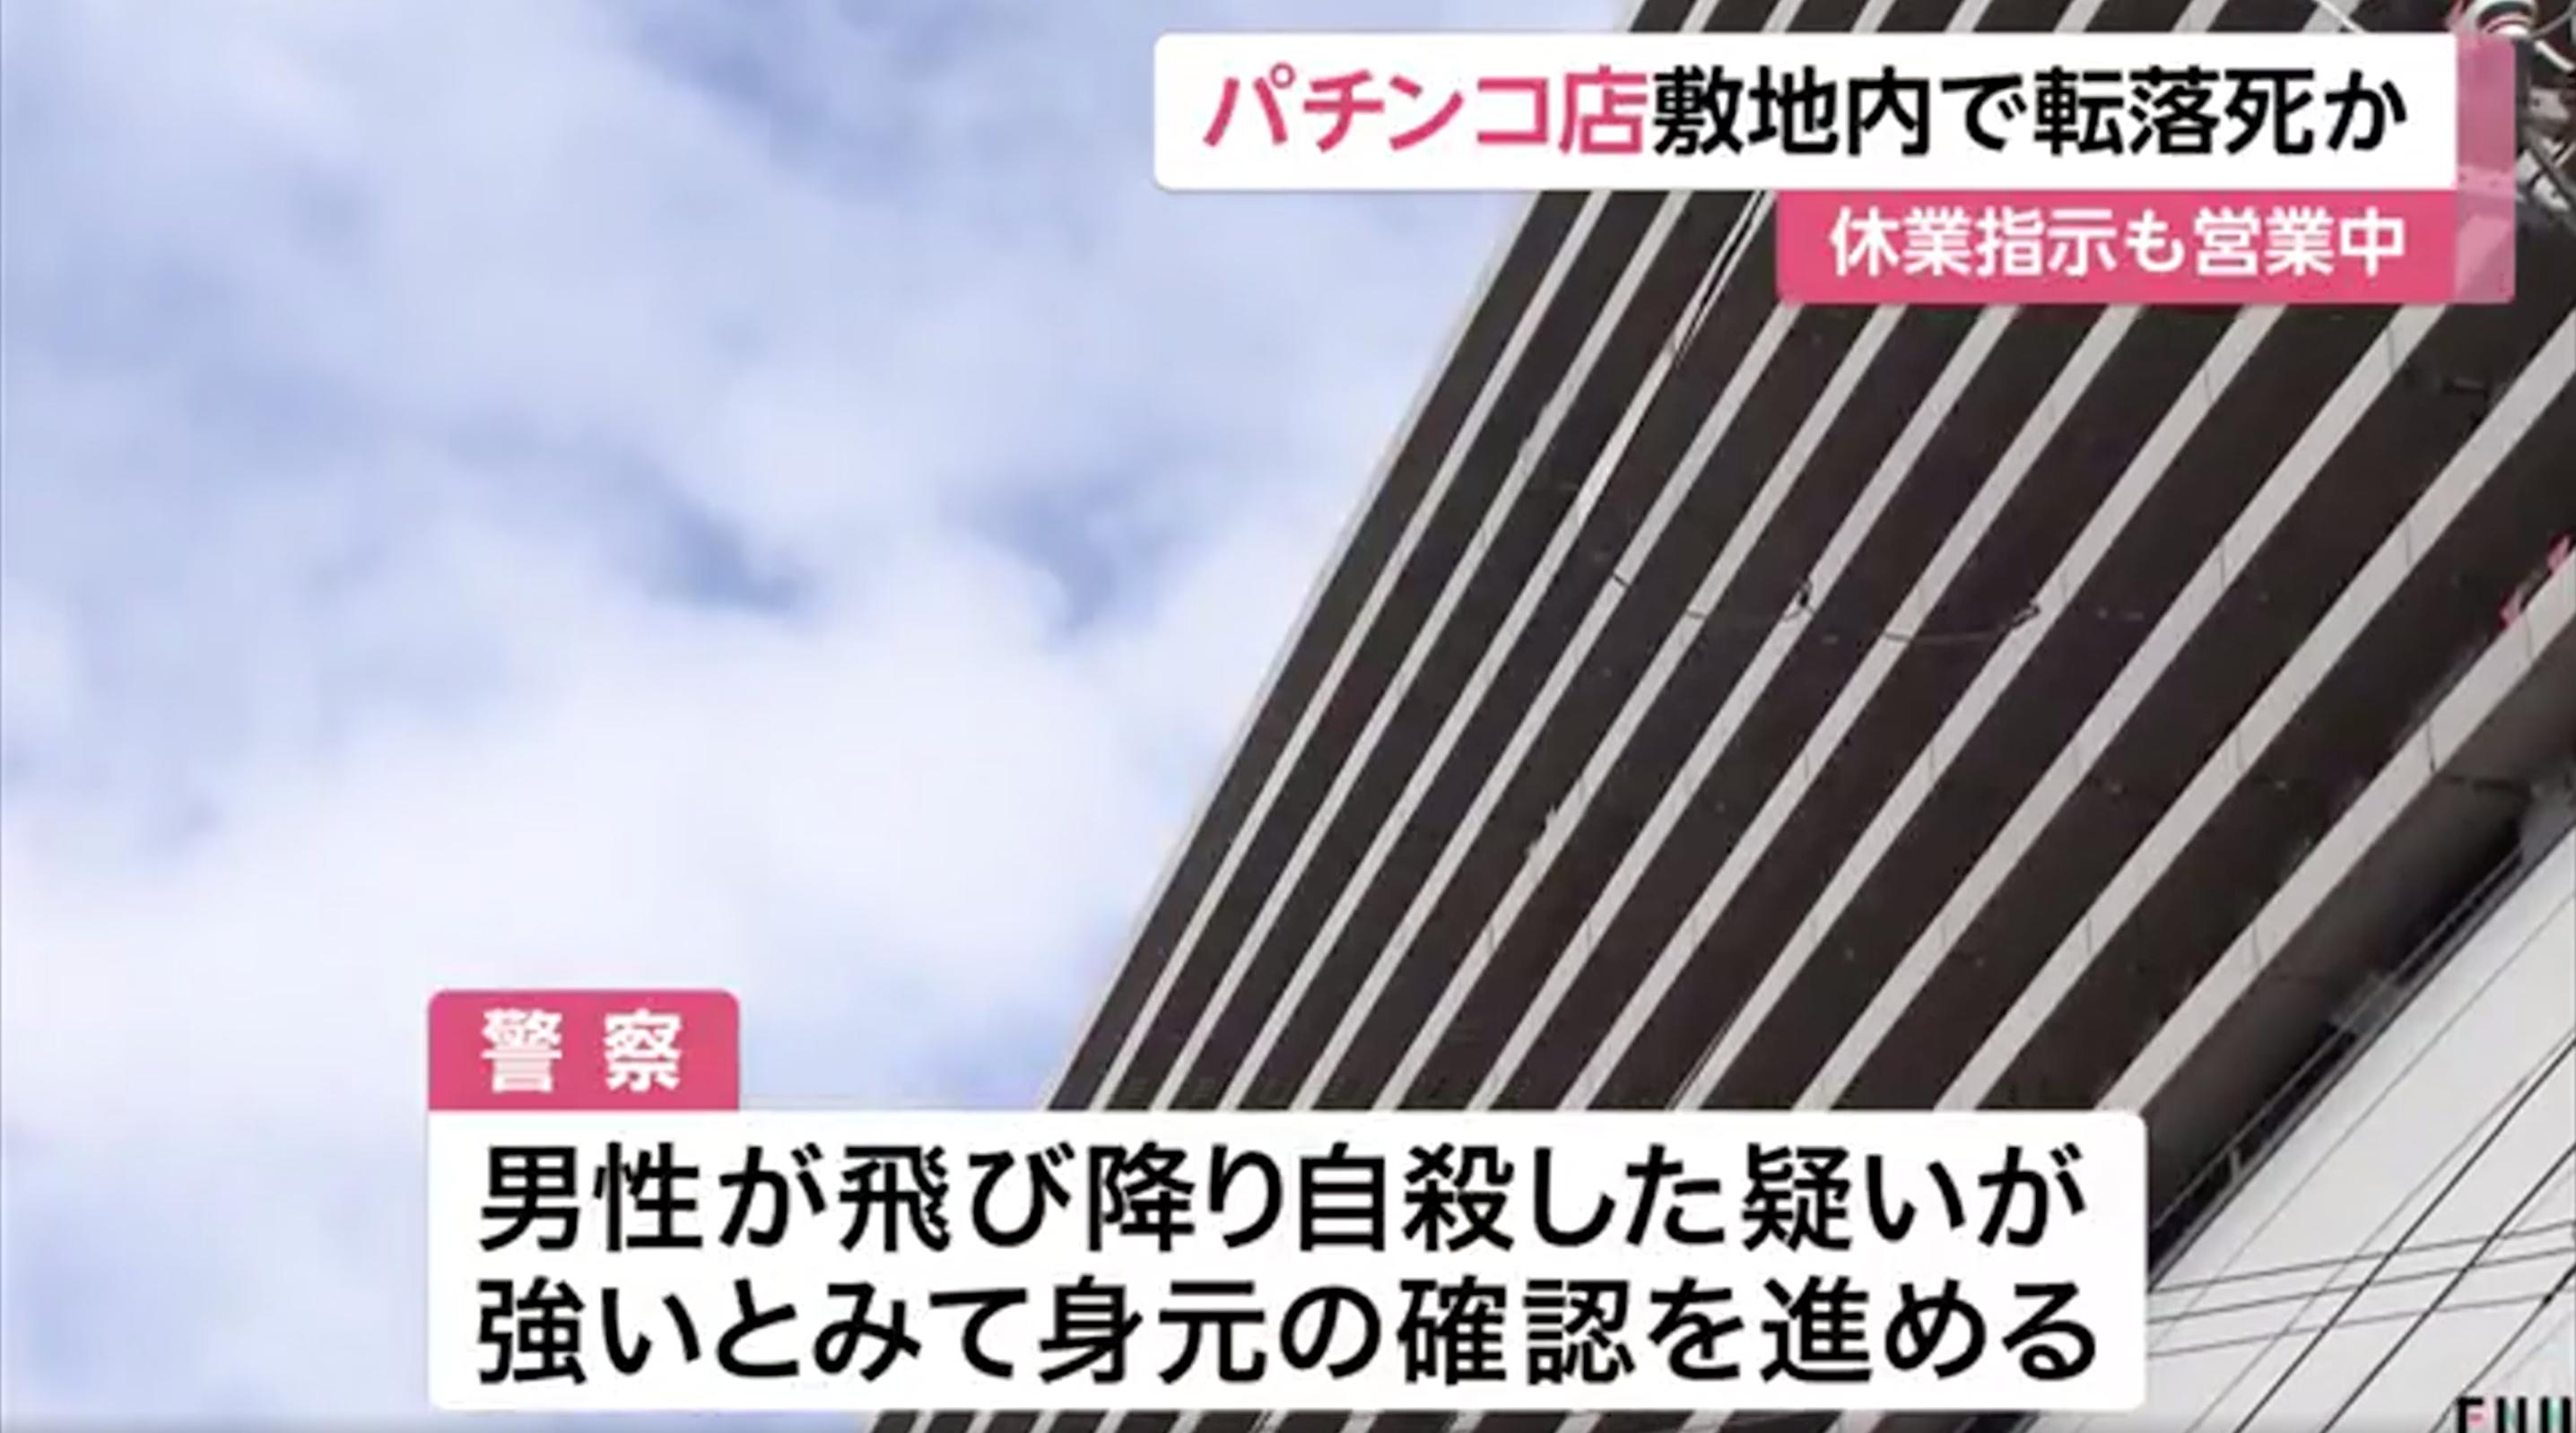 飛び降り 三菱 電機 神戸